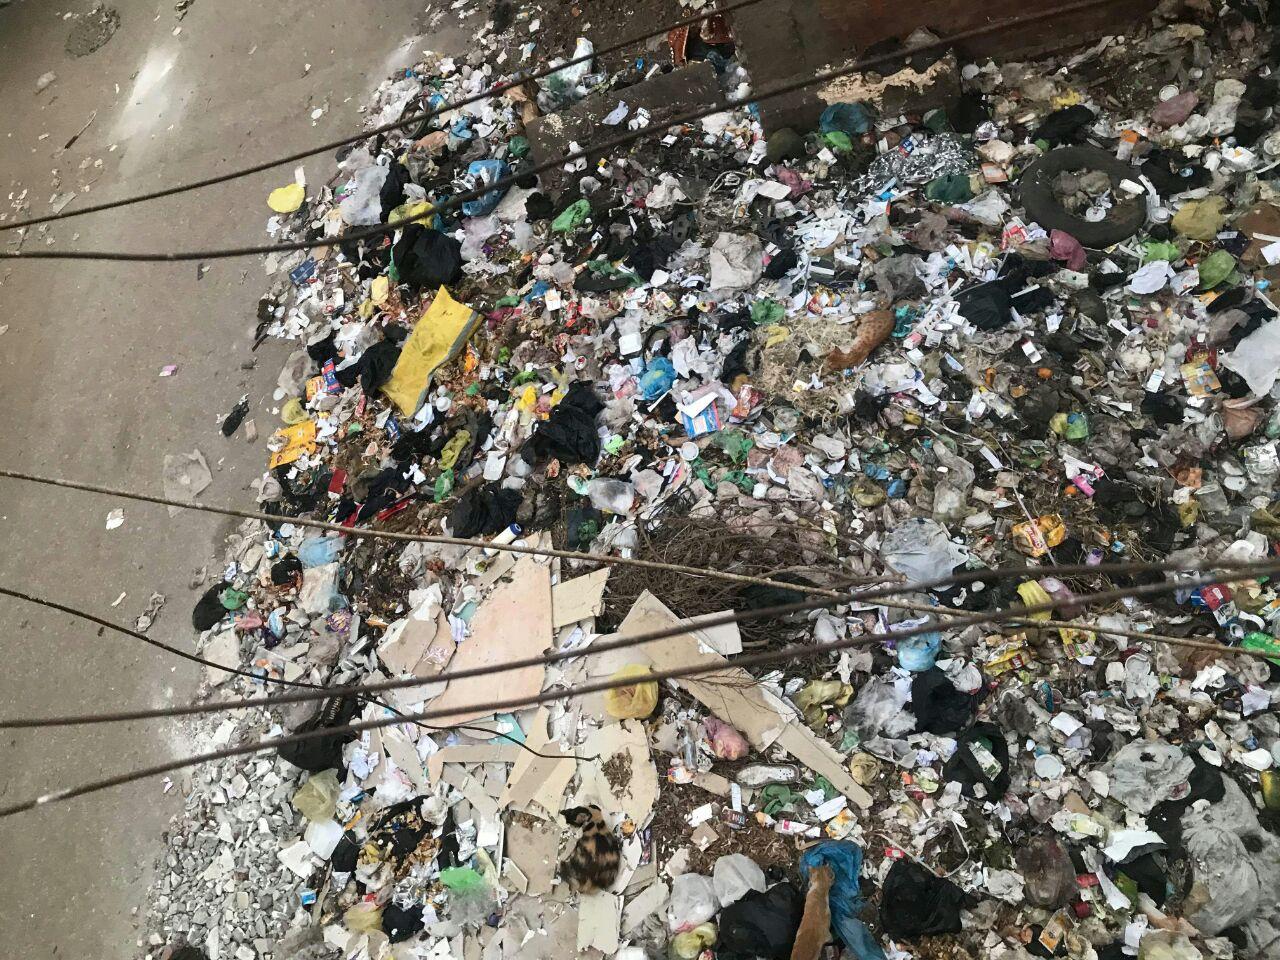 القمامة بجوار الوحدة الصحية بمنطقة الورش (3)